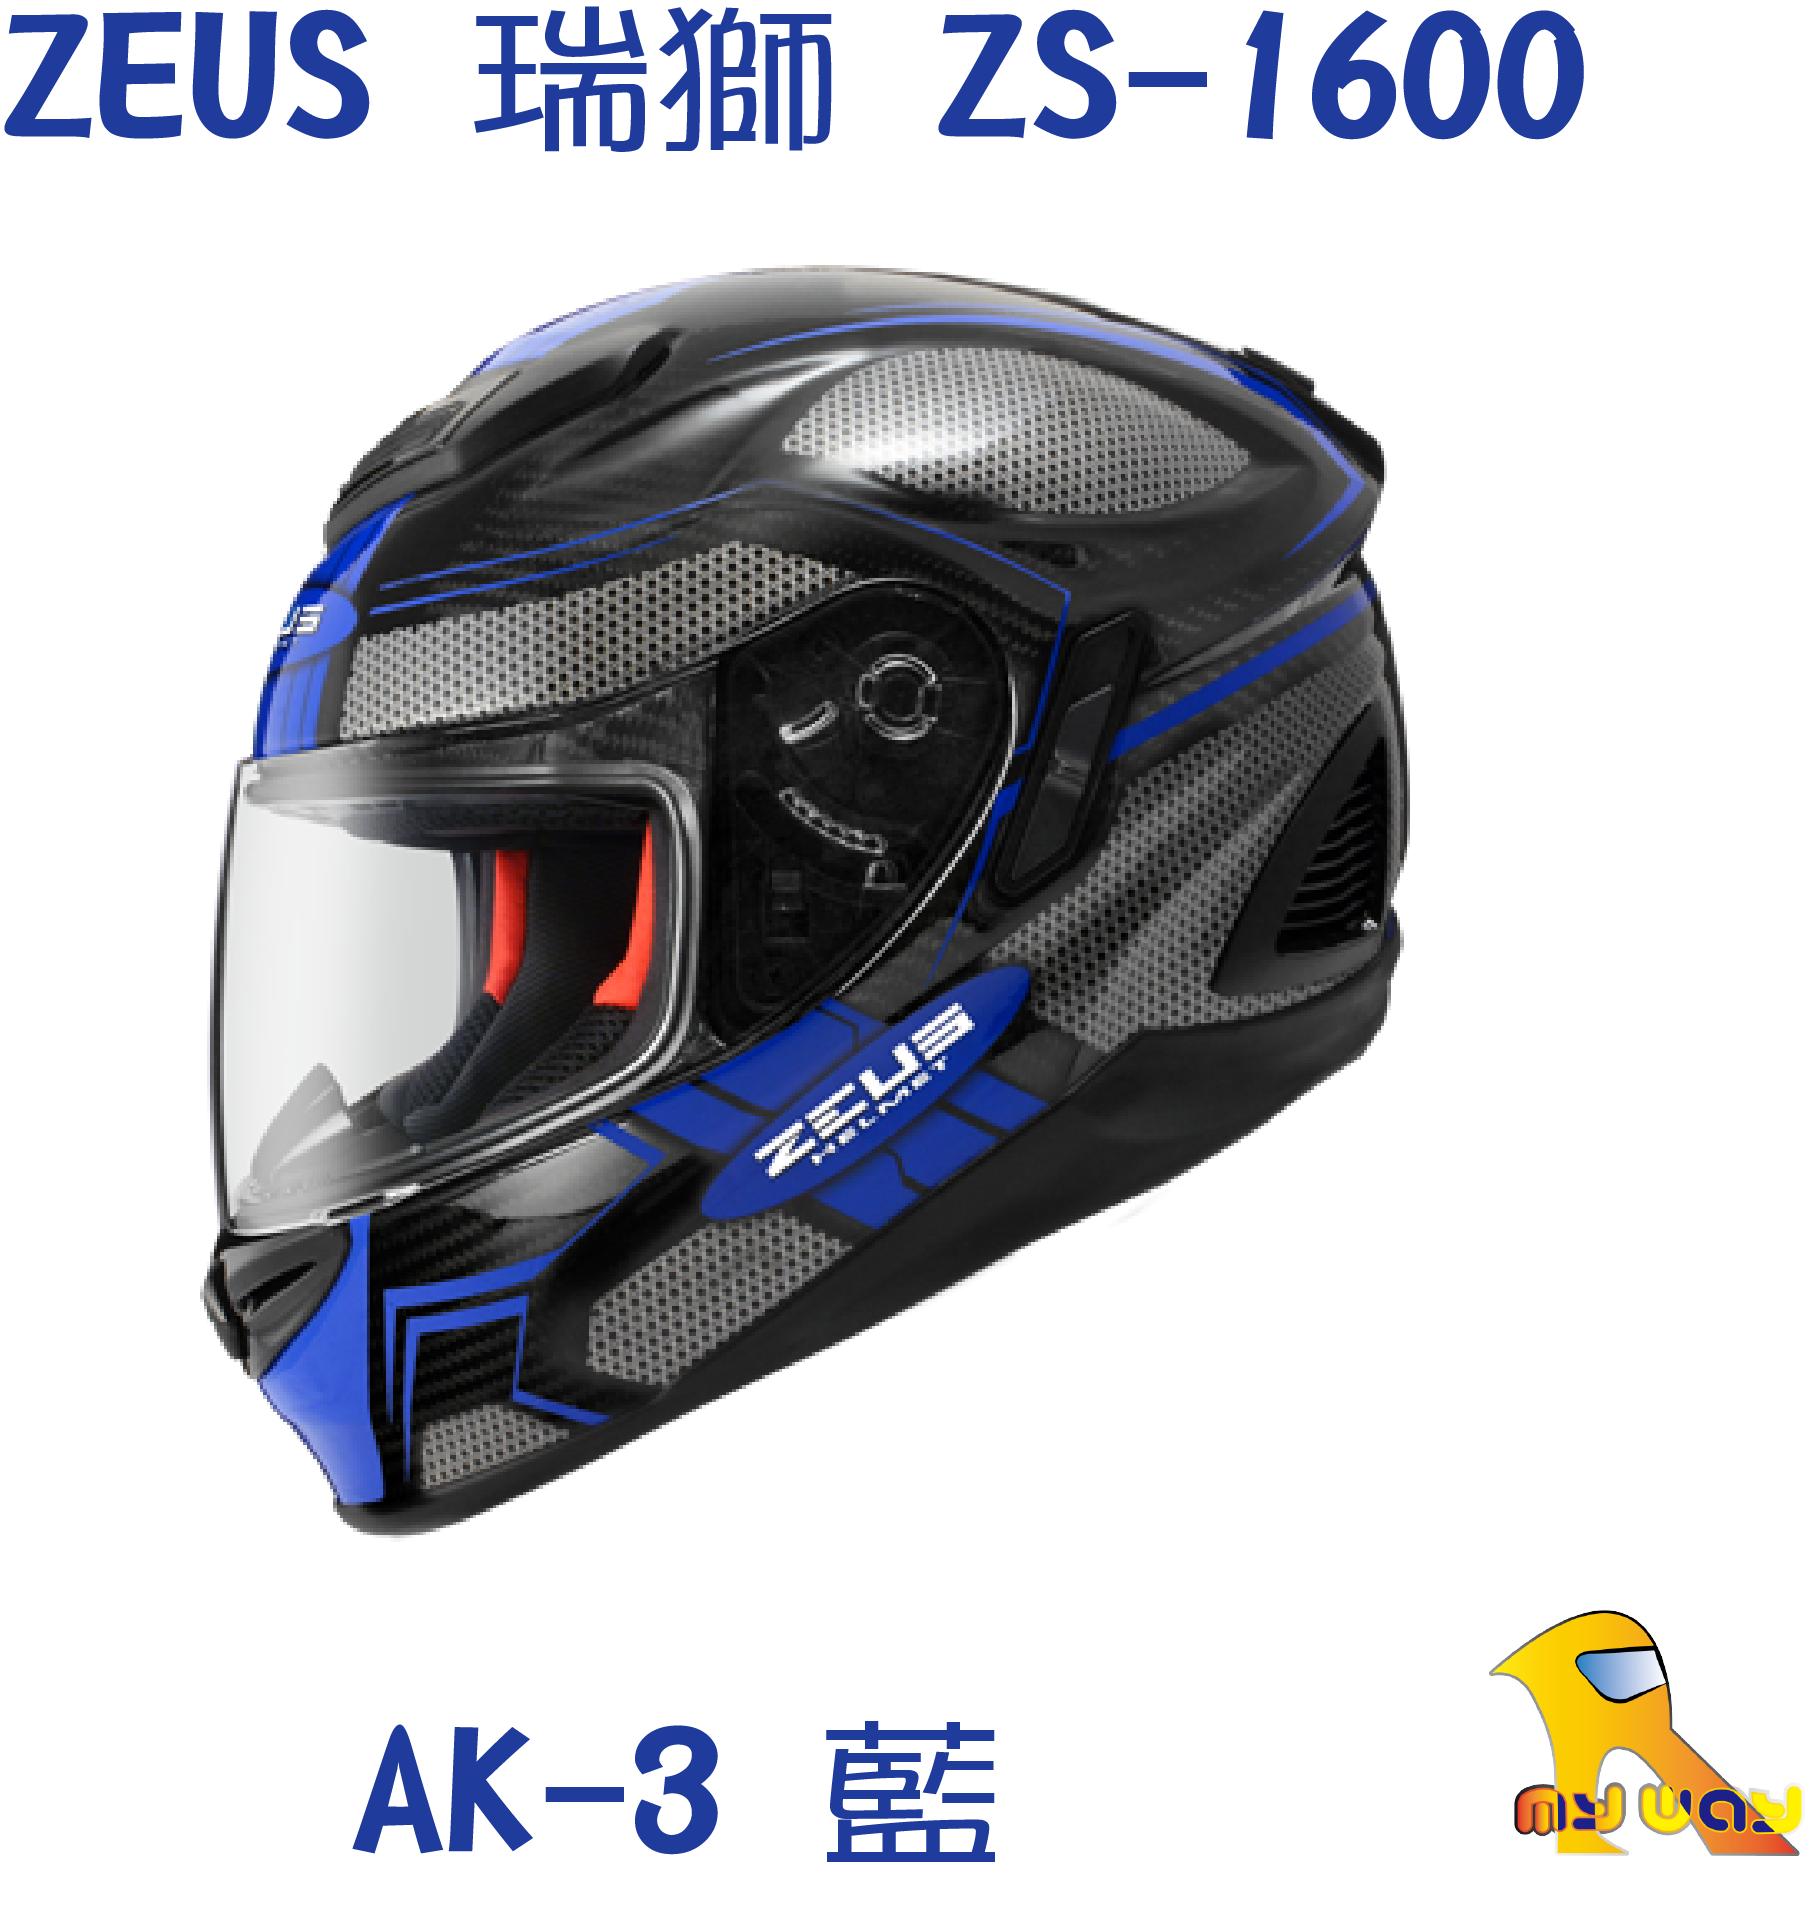 ~任我行騎士人身部品~瑞獅 ZEUS ZS-1600 ZS 1600 AK3 藍 碳纖維 全罩式安全帽 送電鍍片